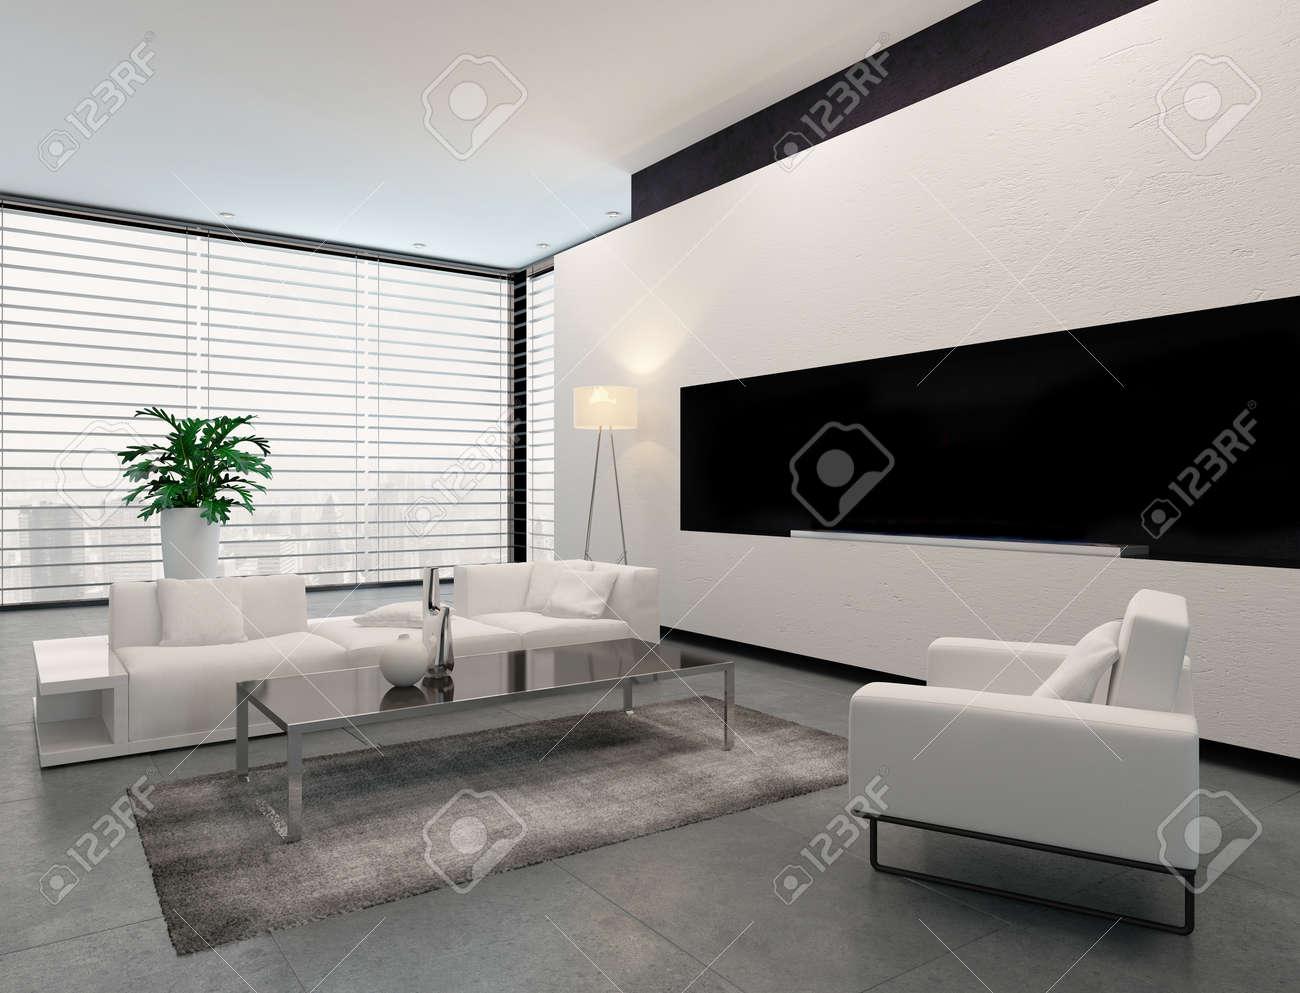 Intérieur Moderne De Salon En Blanc, Gris Et Noir Dans Un Style ...